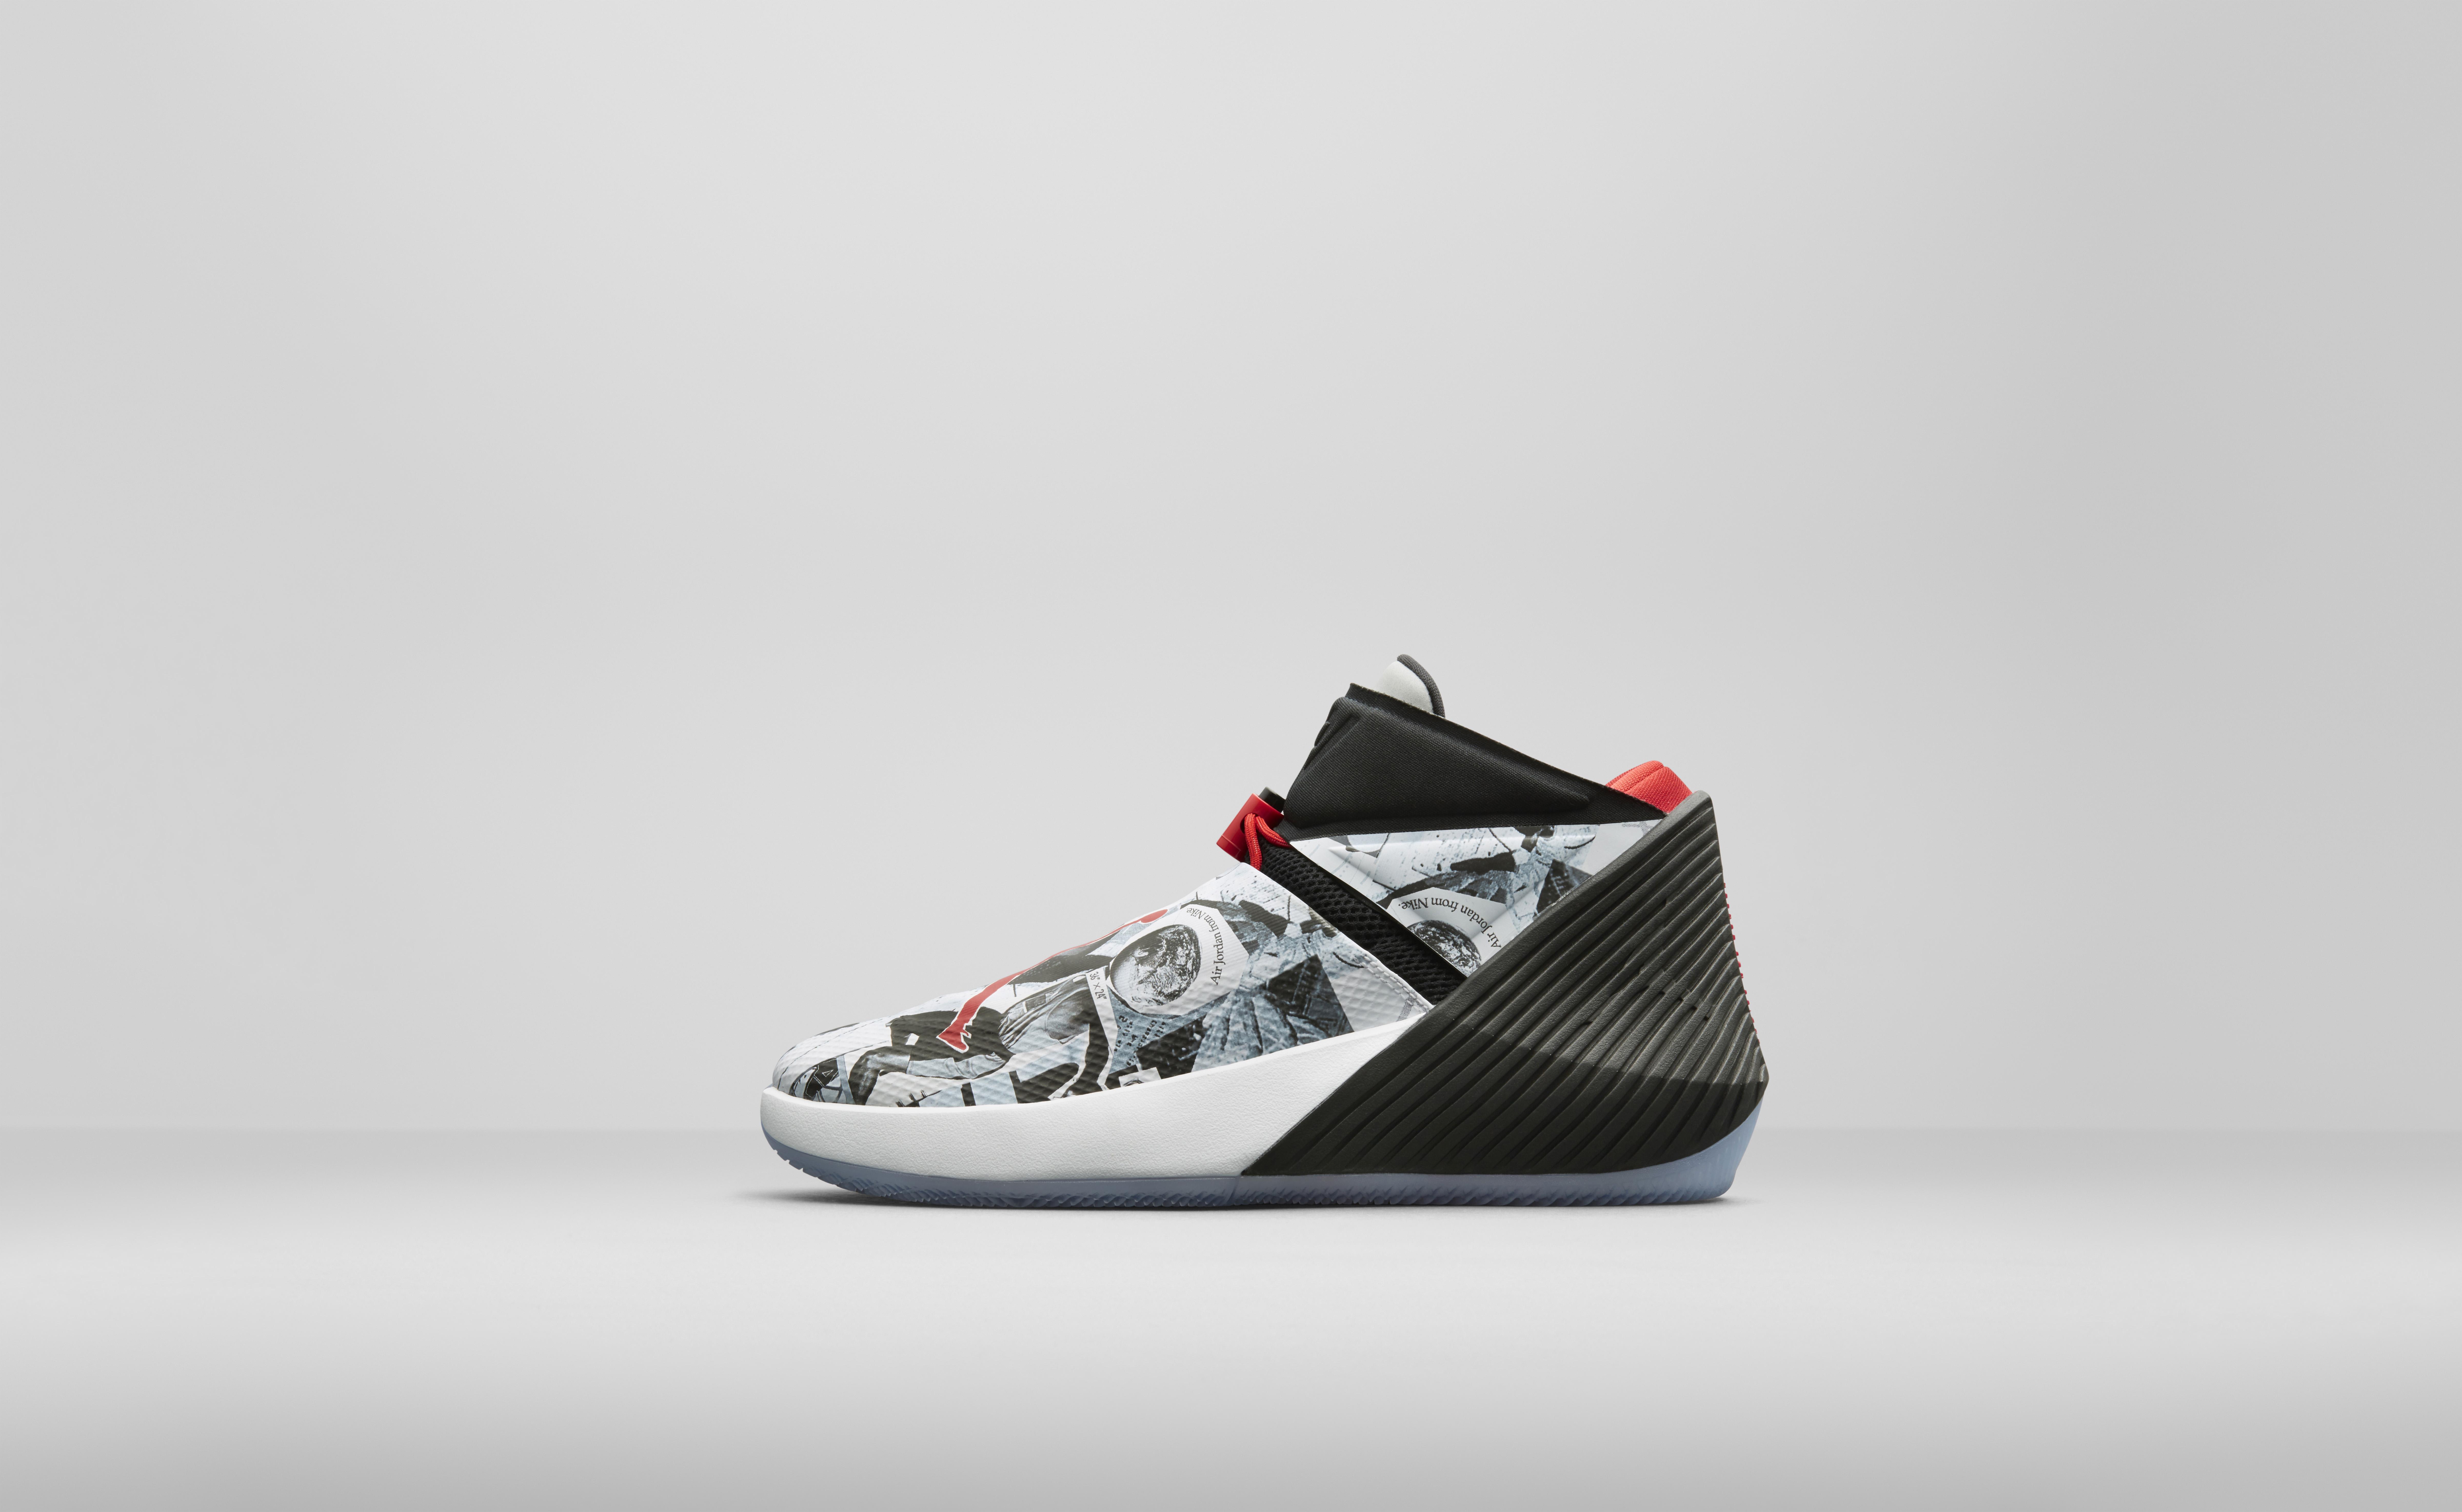 8d99889eeab575 Russell Westbrook debuts new signature Jordan Brand sneaker